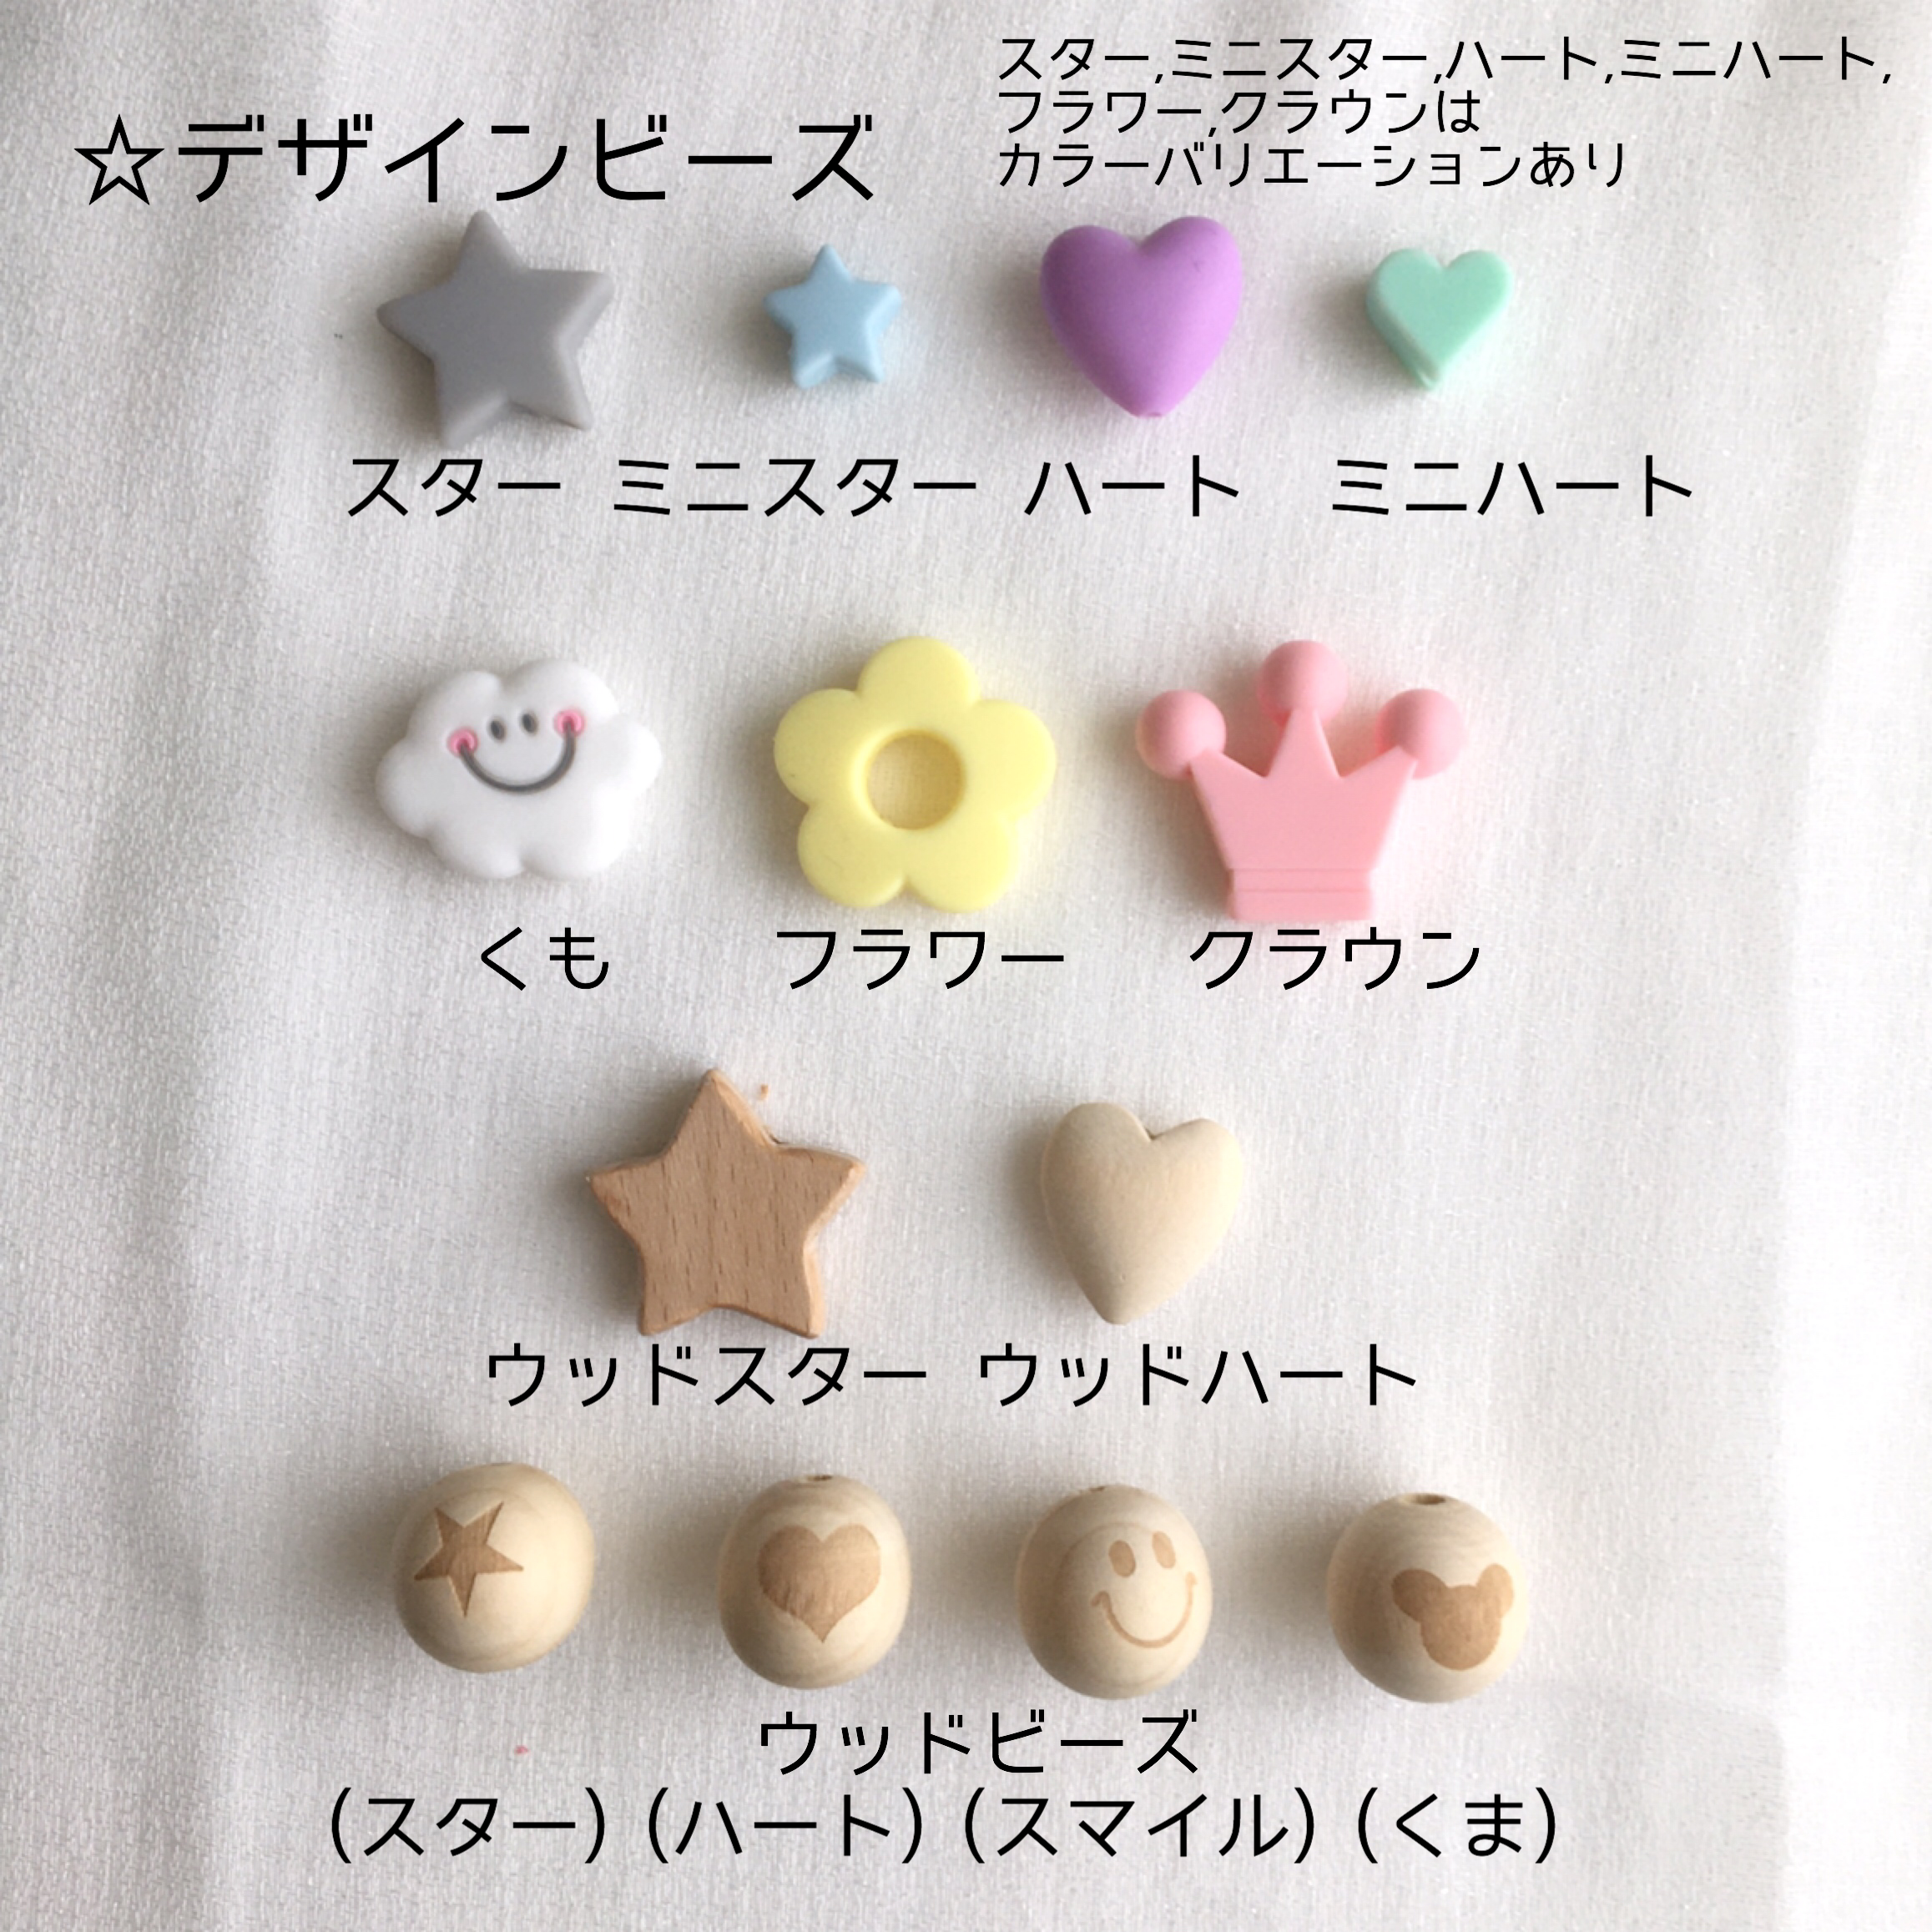 おもちゃホルダー*フルオーダー*Tiny Teeth*生年月日刻印可*出産祝い